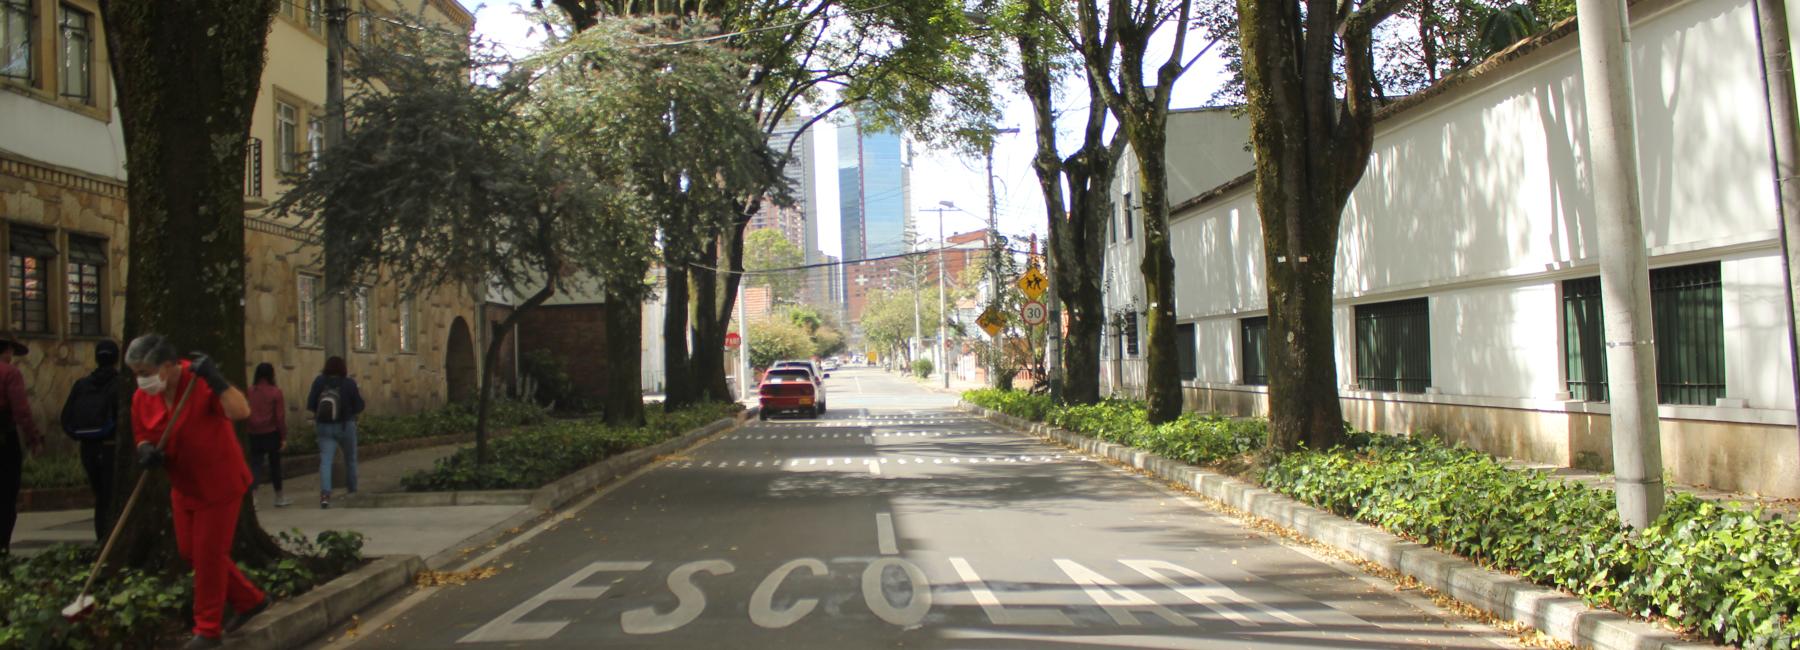 IDPC---PEMP-Teusquillo-barrios--Magdalena-2